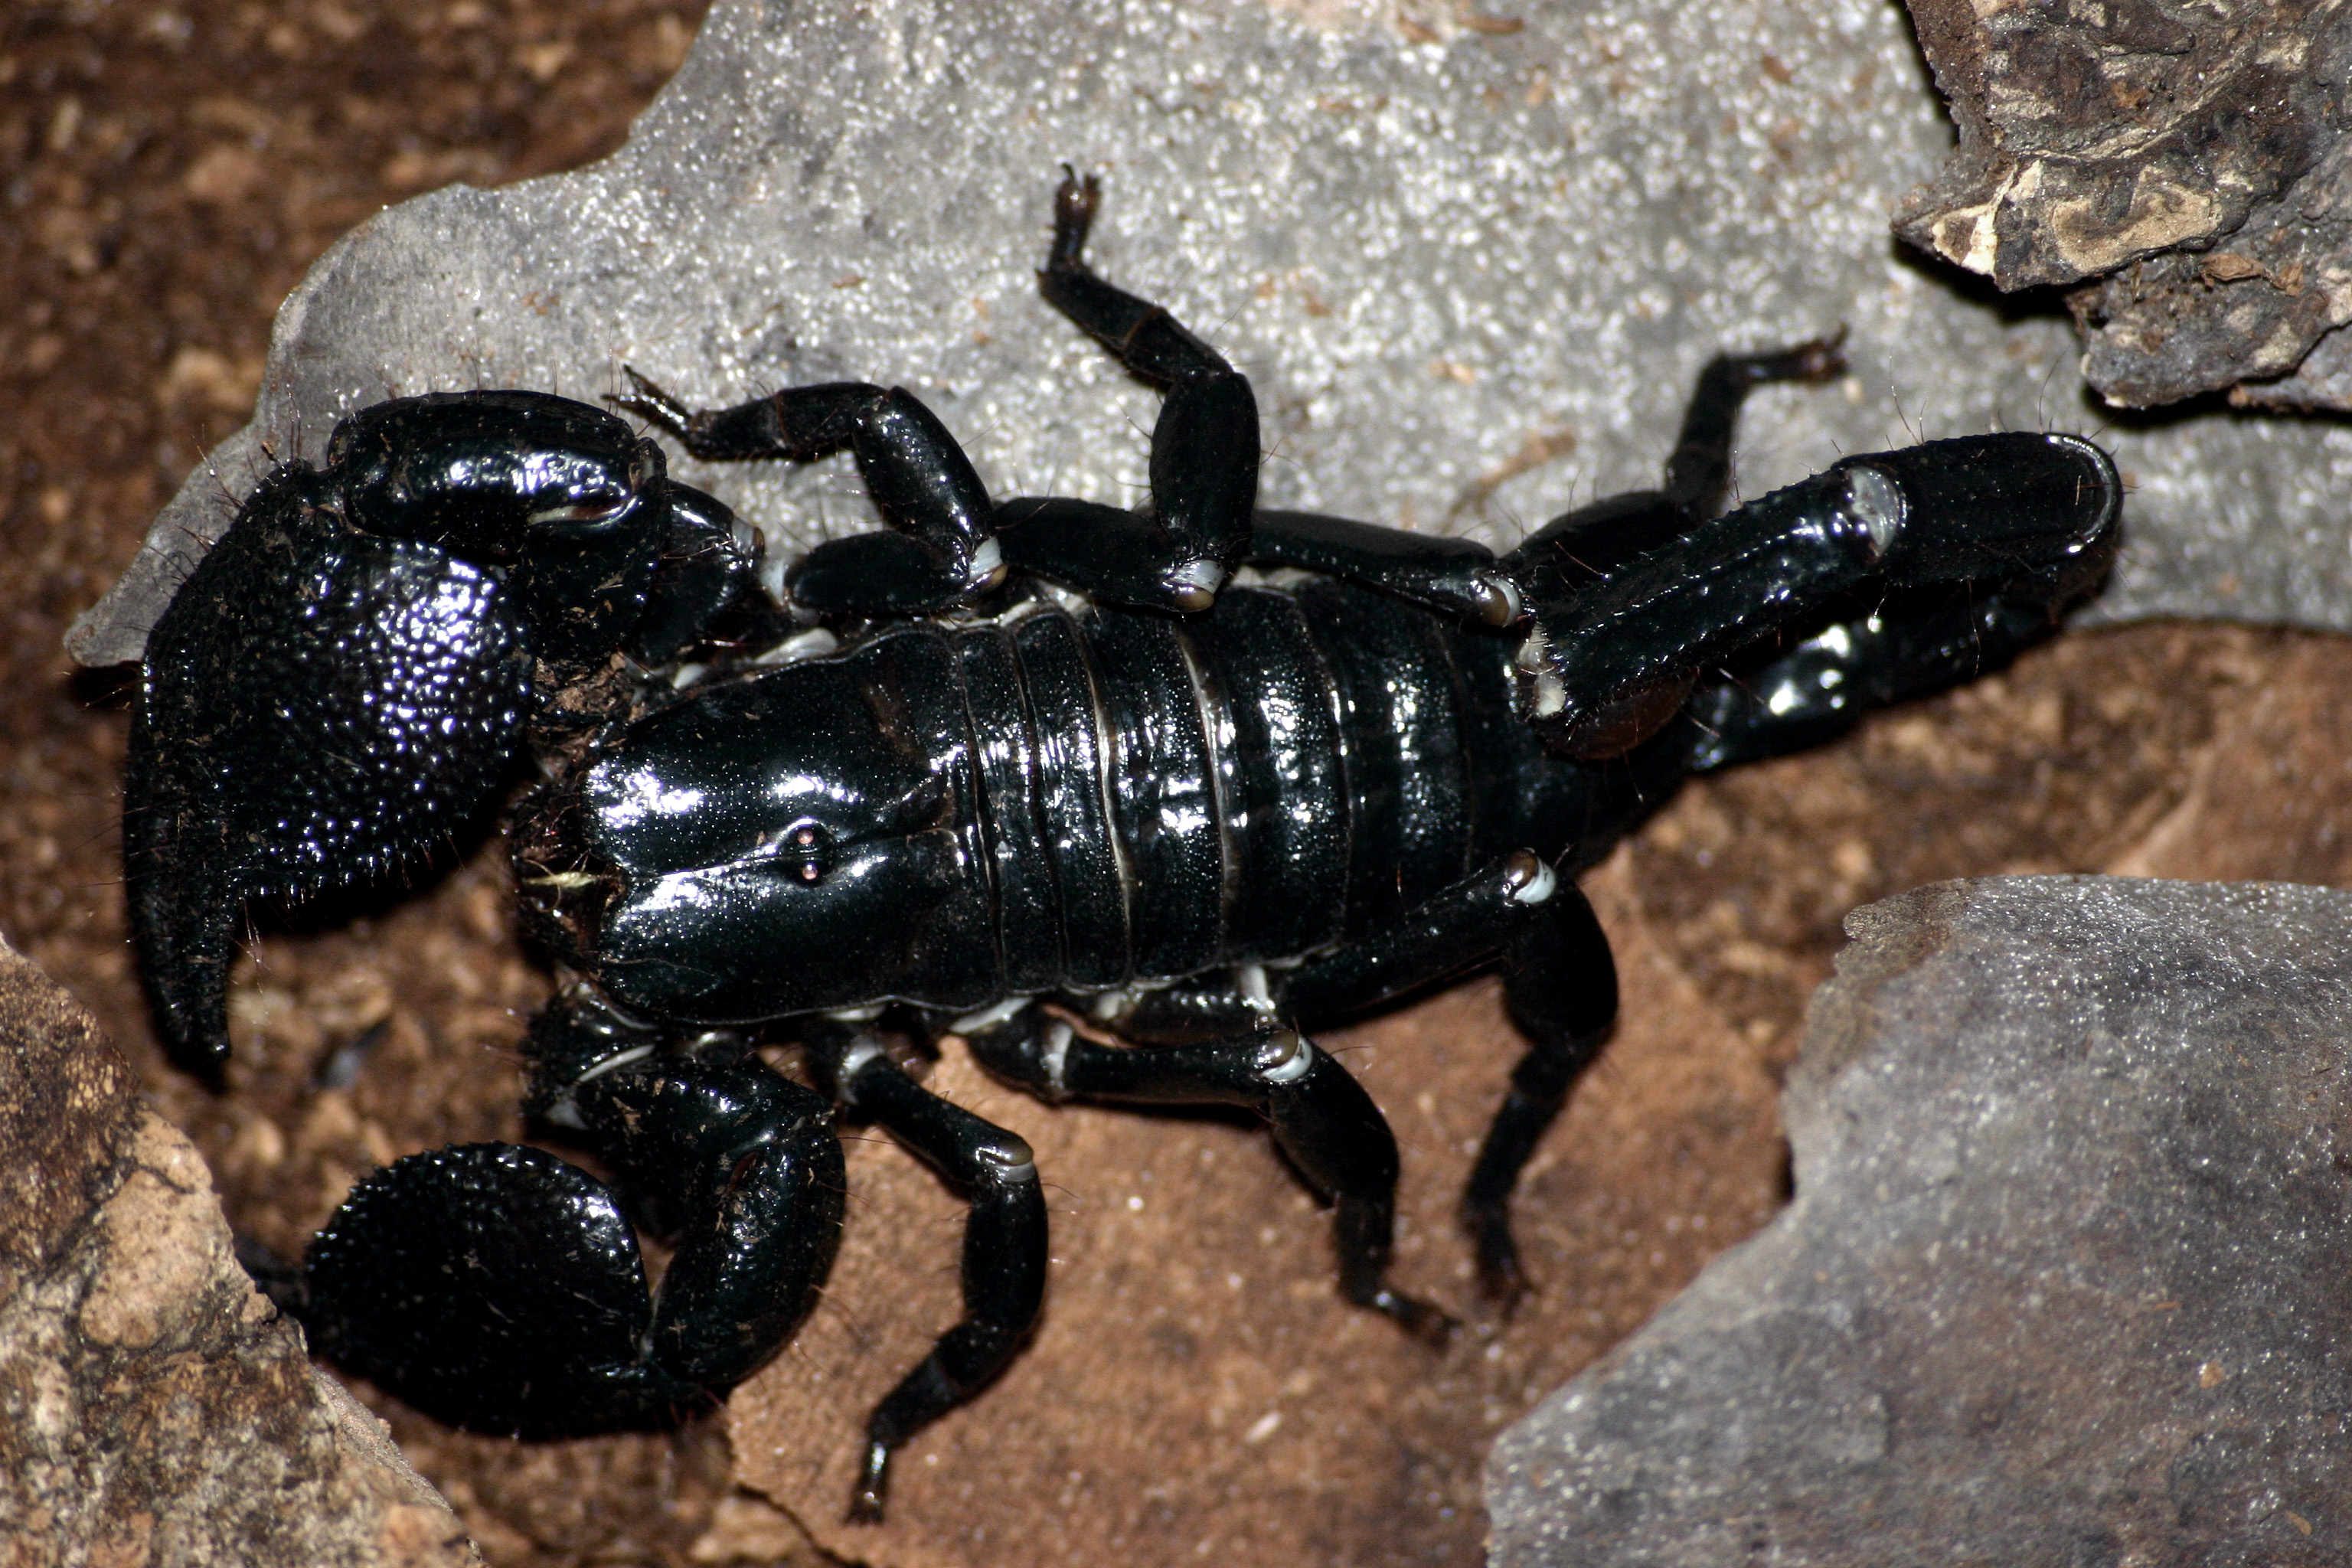 King scorpion animal - photo#22